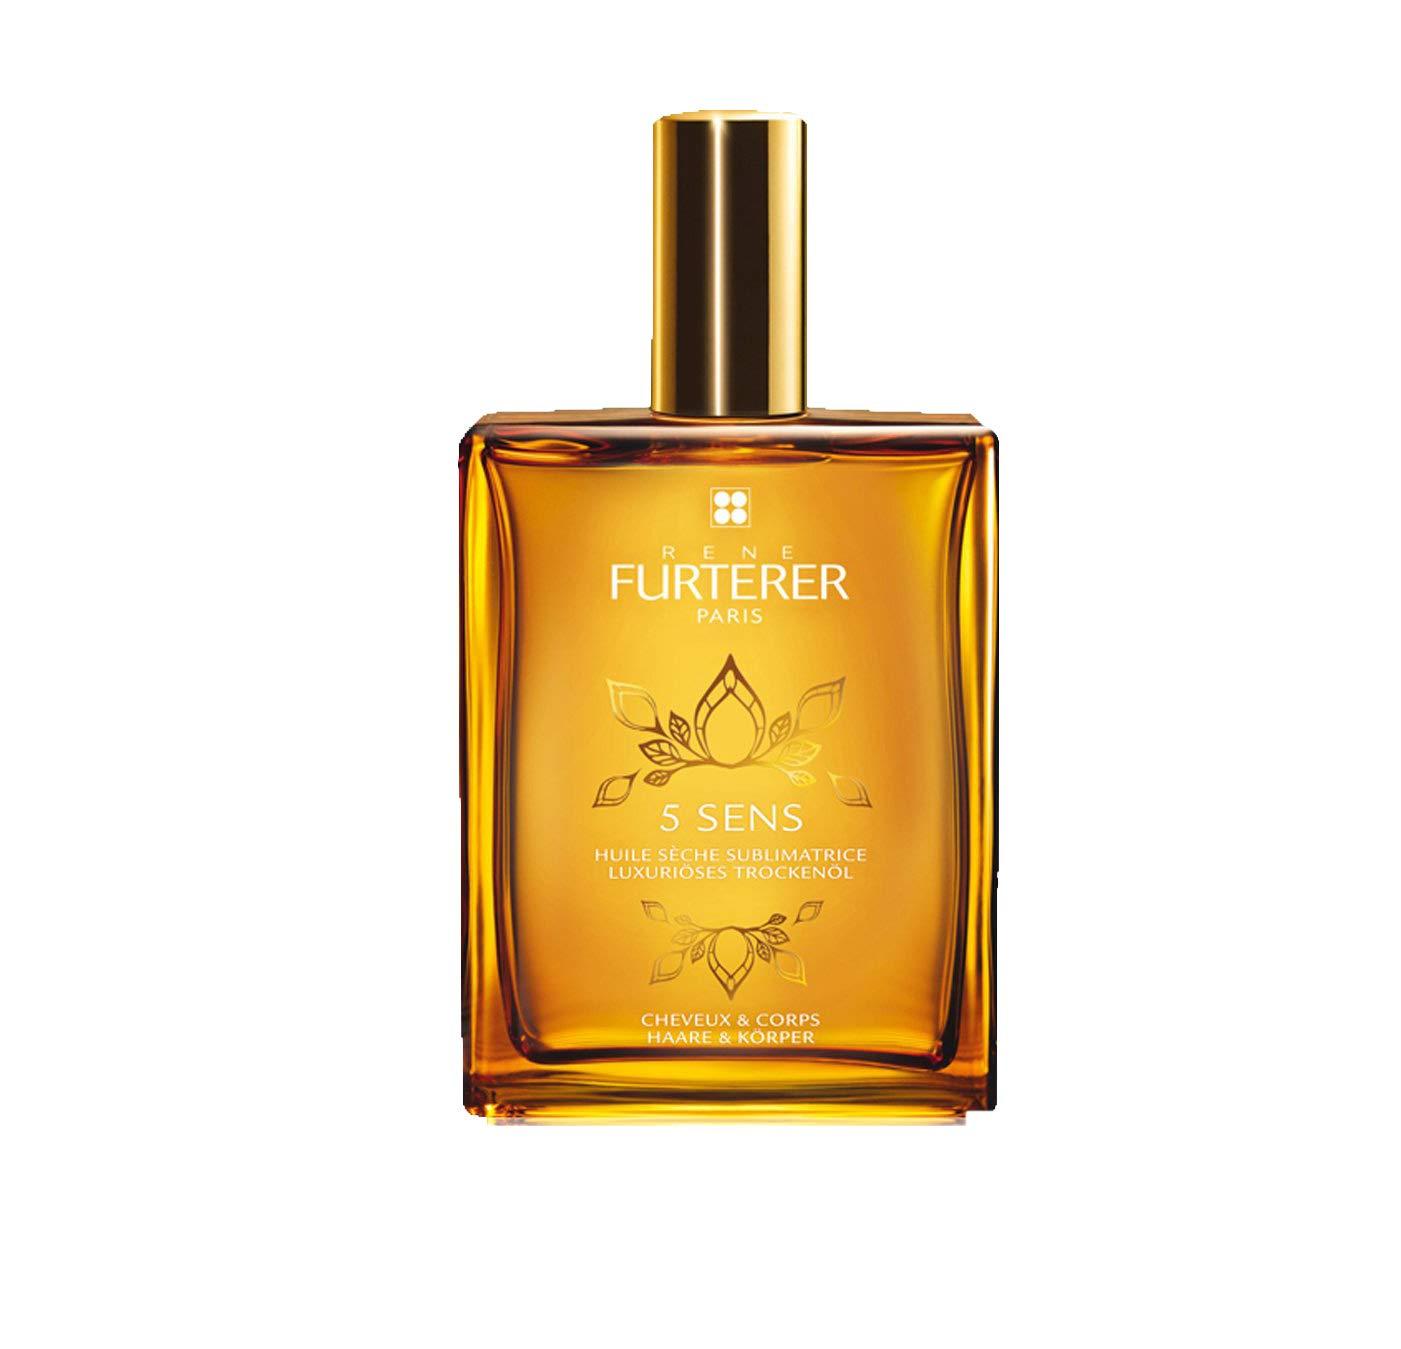 Rene Furterer 5 SENS Enhancing Dry Oil, Multi-Purpose Hair & Skin, Jojoba Oil, Spray, 3.3 oz.